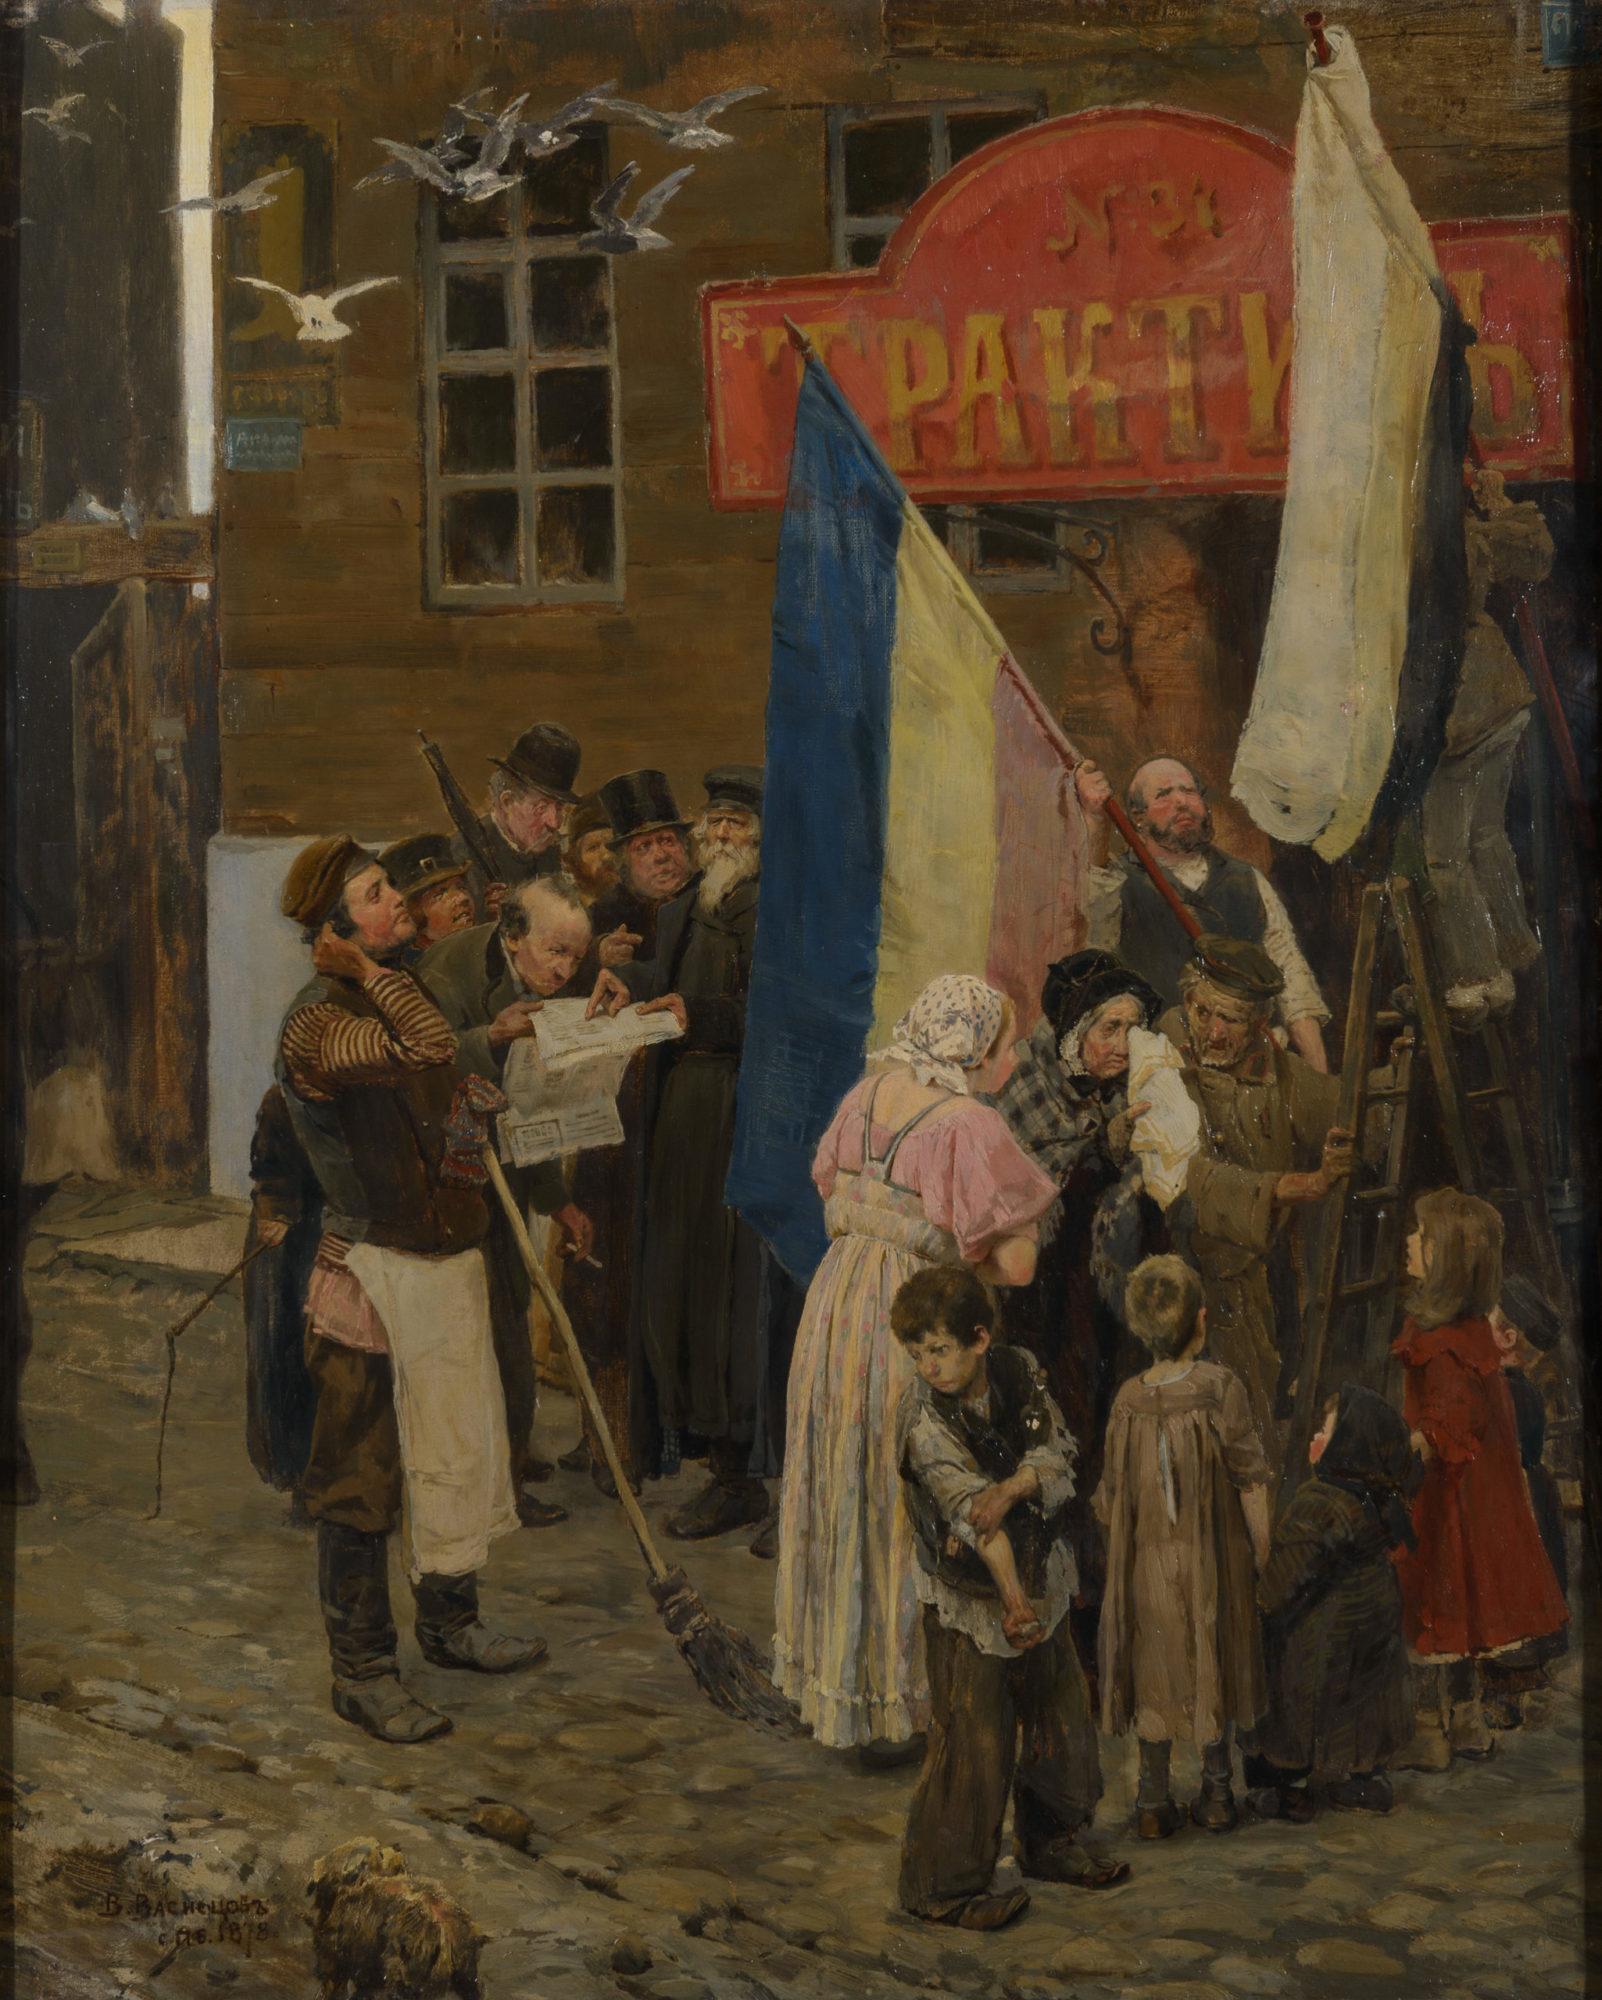 Известие о взятии Карса, 1878 год. Виктор Васнецов, Самарский областной художественный музей.